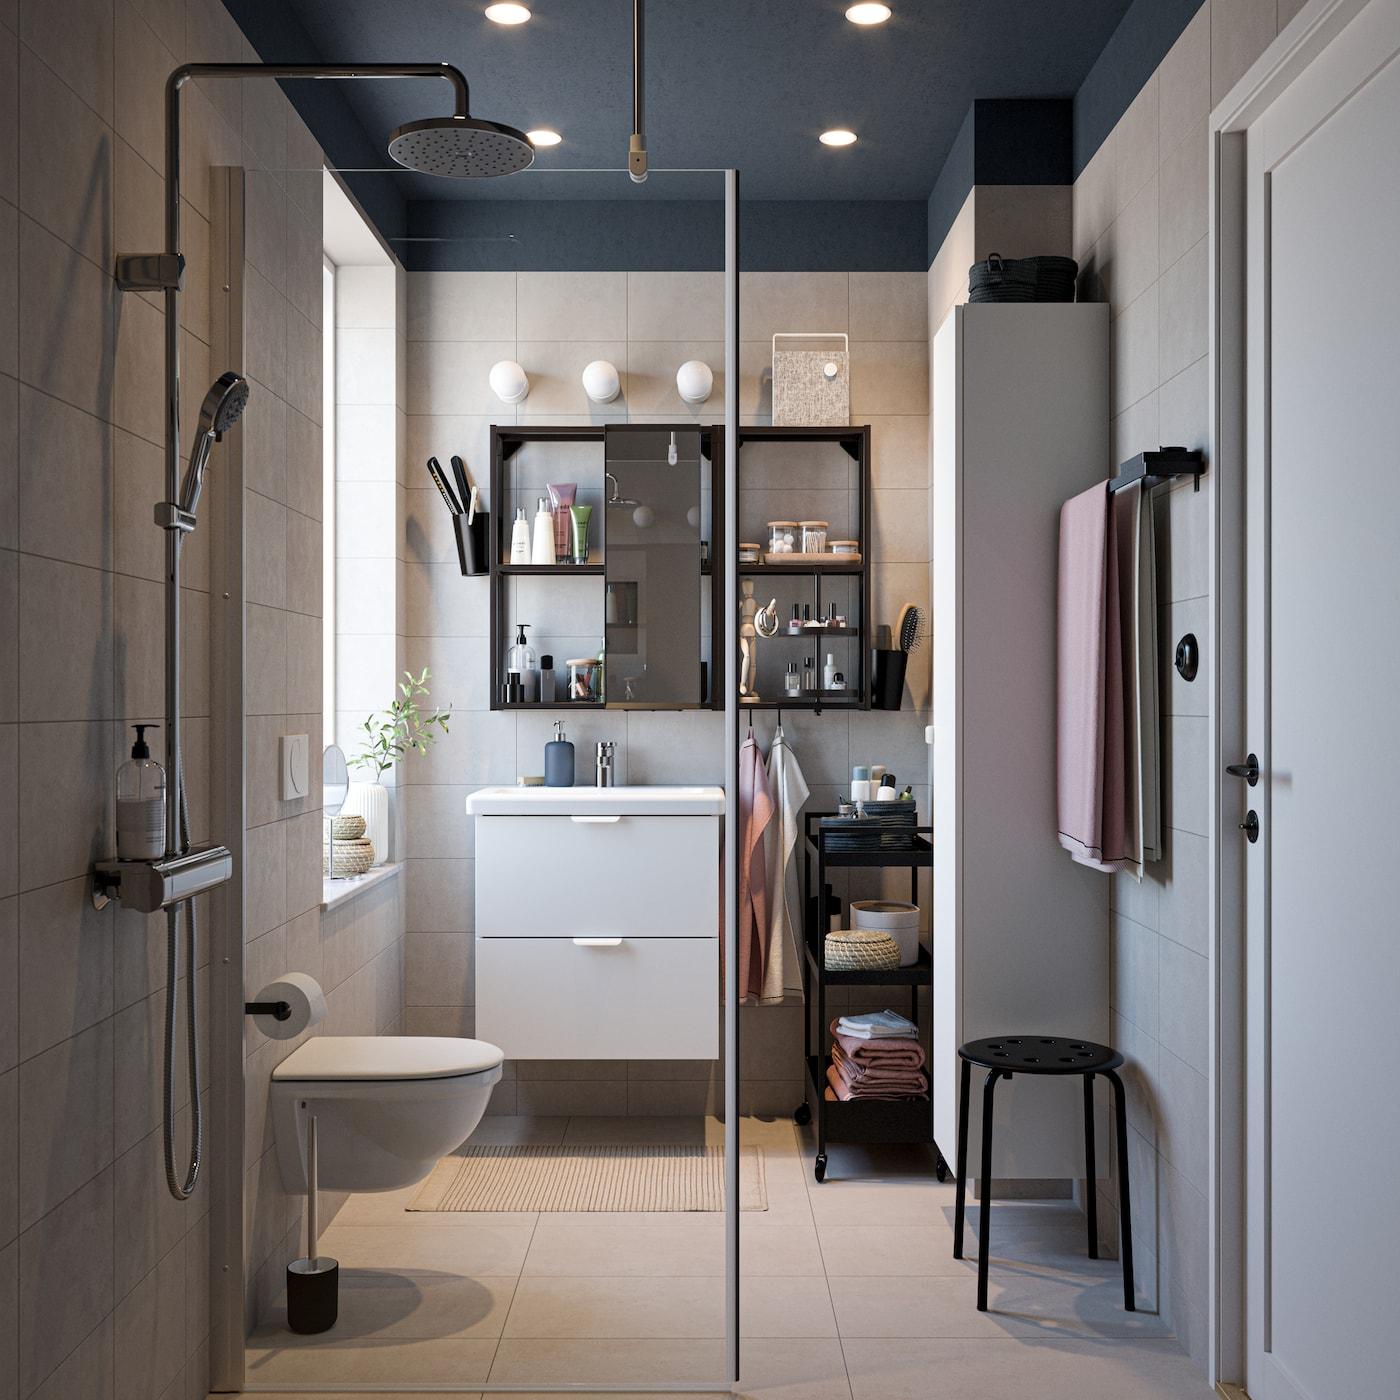 Łazienka z czarnymi i białymi meblami, chromowanym zestawem prysznicowym, jasnoróżowymi ręcznikami i szklaną ścianką kabiny prysznicowej.